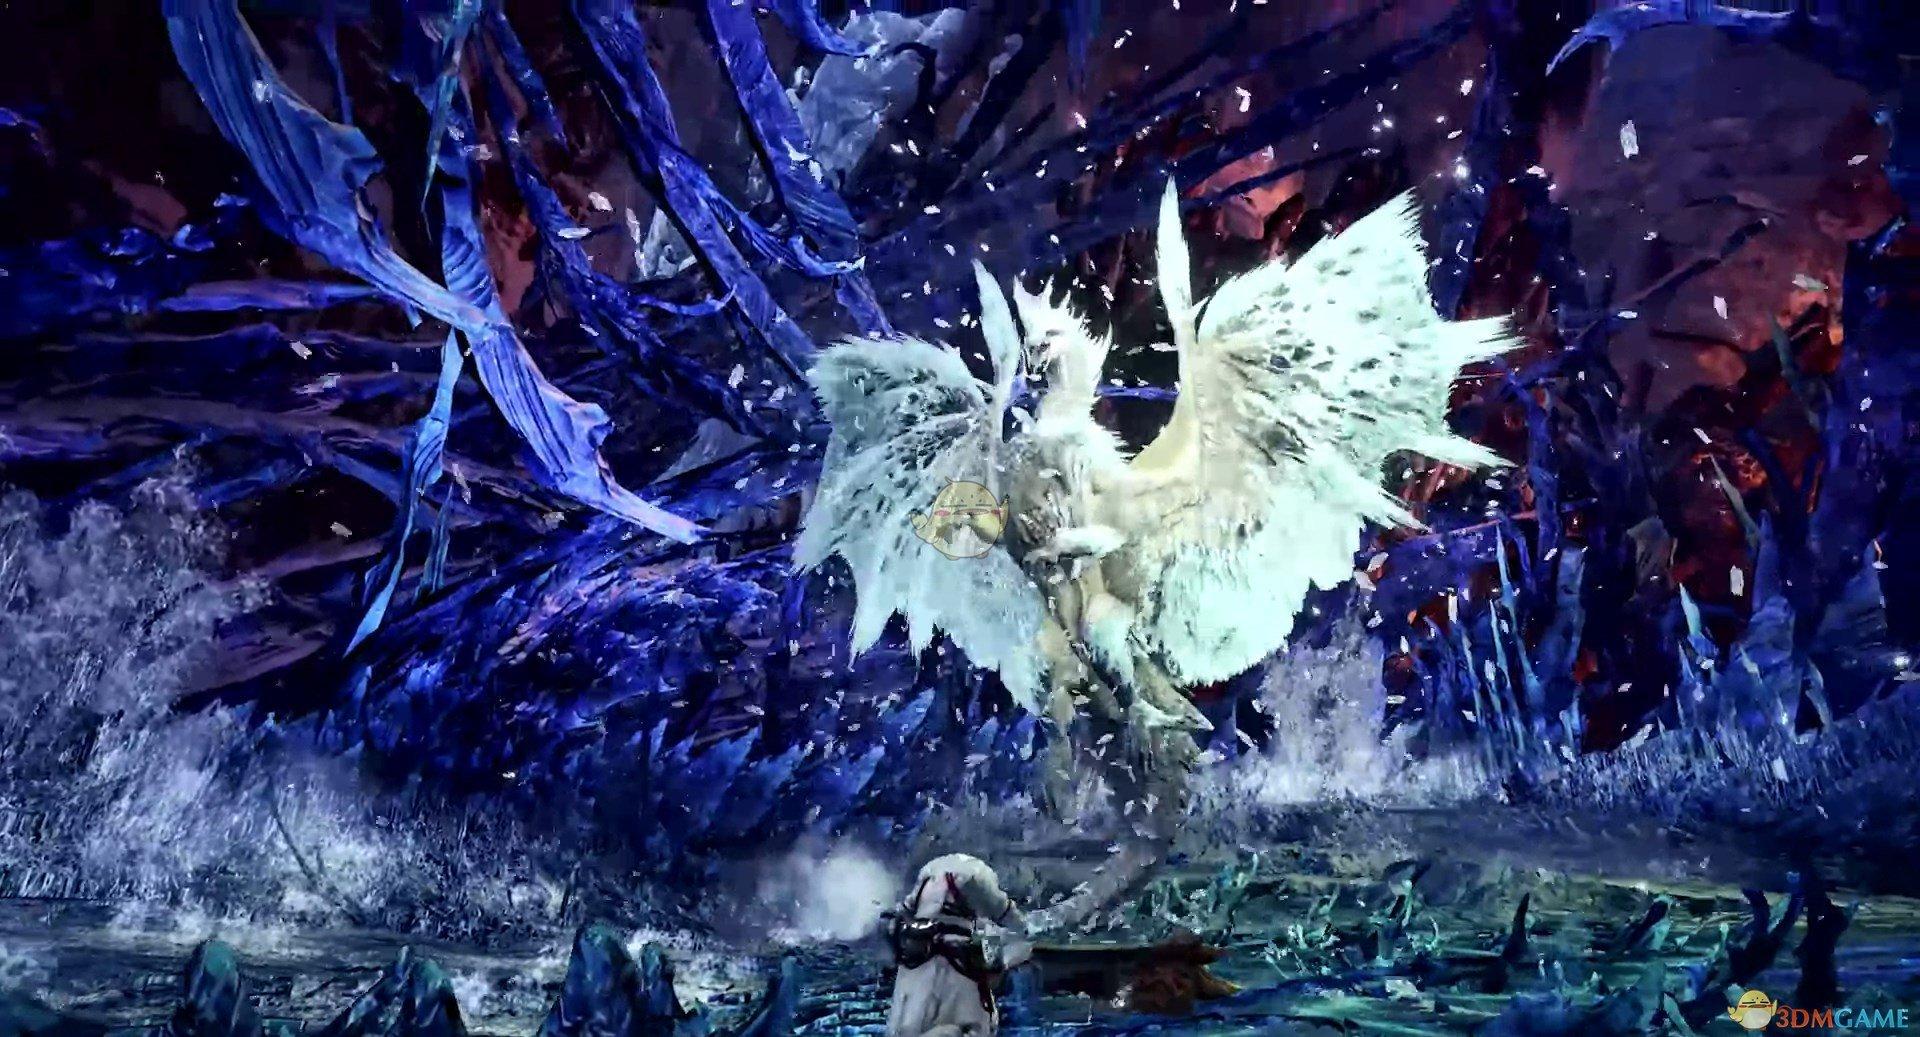 《怪物猎人:世界》冰原DLC飞翔爪反击架势使用技巧分享